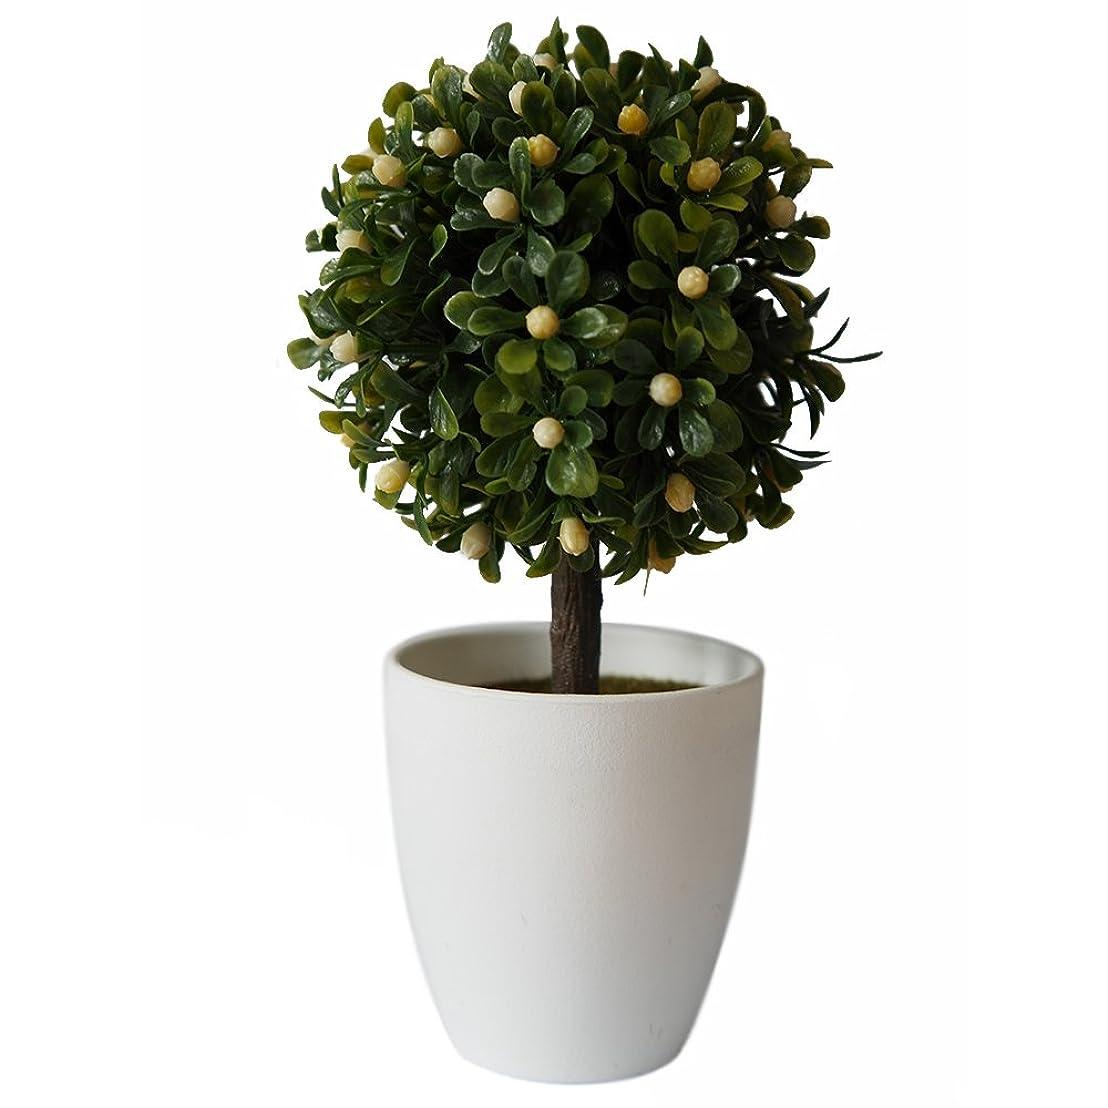 観葉植物 インテリア グリーン ミニ かわいい 造花 人工 観葉植物 鉢植え 植物 卓上観葉植物 卓上ポット 本物みたい 飾り 装飾 プレゼント 贈り物 撮影 道具